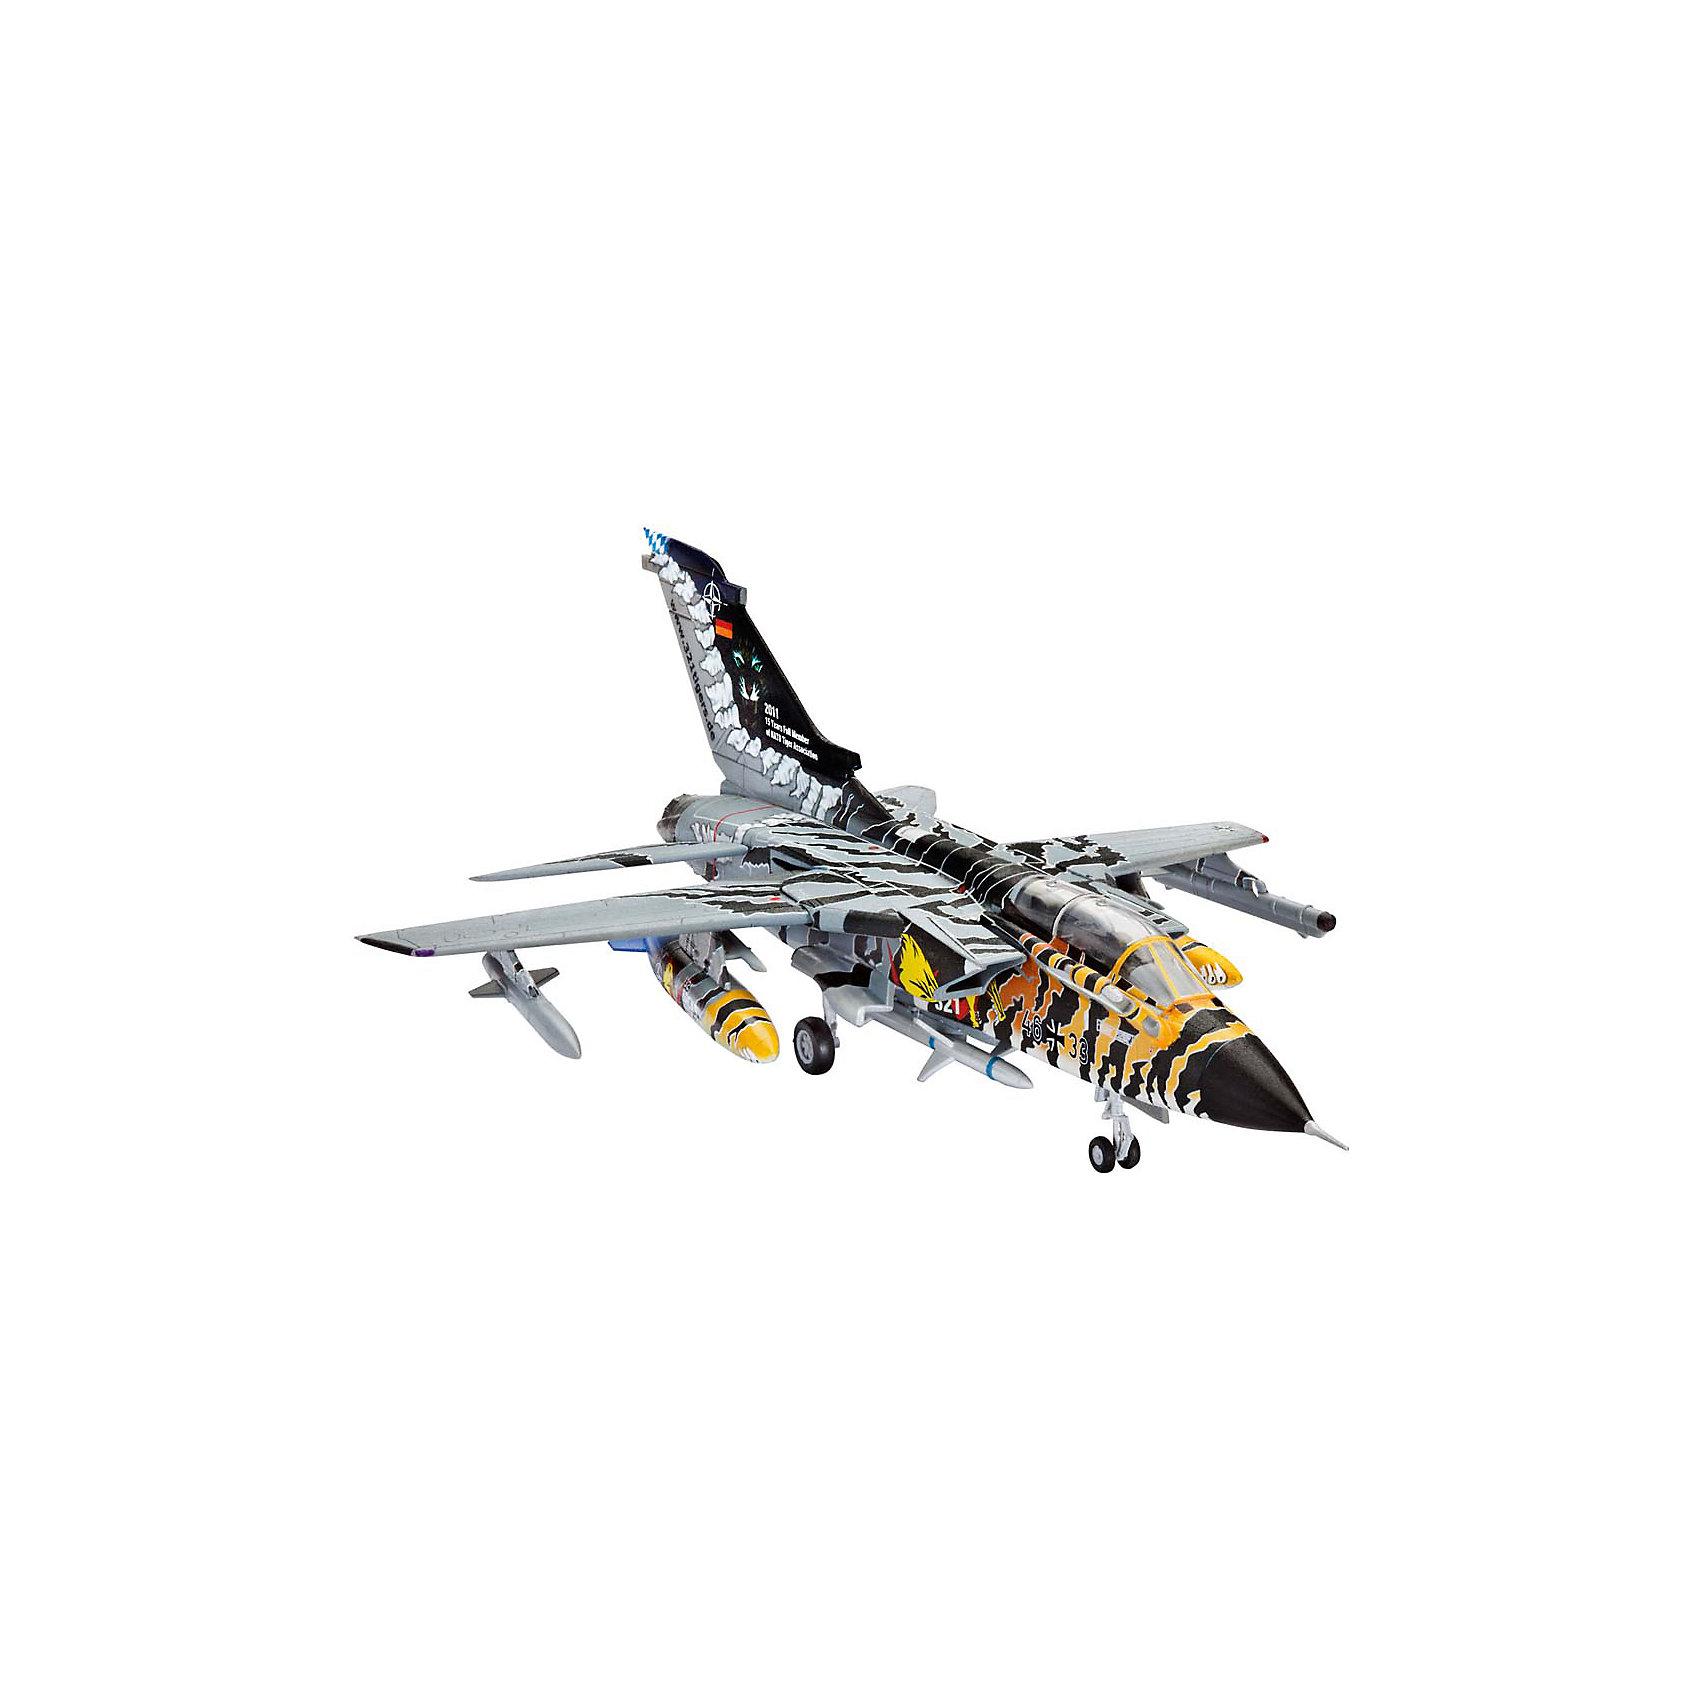 Сборка самолет Tornado IDSМодели для склеивания<br>Tornado - реактивный истребитель-бомбардировщик с крылом изменяемой стреловидности. Был разработан в середине 1970-х годов. До сих пор состоит на вооружении ВВС ряда европейских и ближневосточных стран. Tornado  IDS - обозначение самолетов в составе ВВС Германии и Италии. Торнадо активно применялись во время войны в Персидском заливе, а также во время операции НАТО в Югославии. Всего во время боевых действий было потеряно 9 машин. <br>Масштаб: 1:225 <br>Для сборки этой модели клей и краски вам не потребуются, соединение деталей происходит посредством специальных зажимов!<br><br>Ширина мм: 21<br>Глубина мм: 132<br>Высота мм: 110<br>Вес г: 9999<br>Возраст от месяцев: -2147483648<br>Возраст до месяцев: 2147483647<br>Пол: Унисекс<br>Возраст: Детский<br>SKU: 1773060